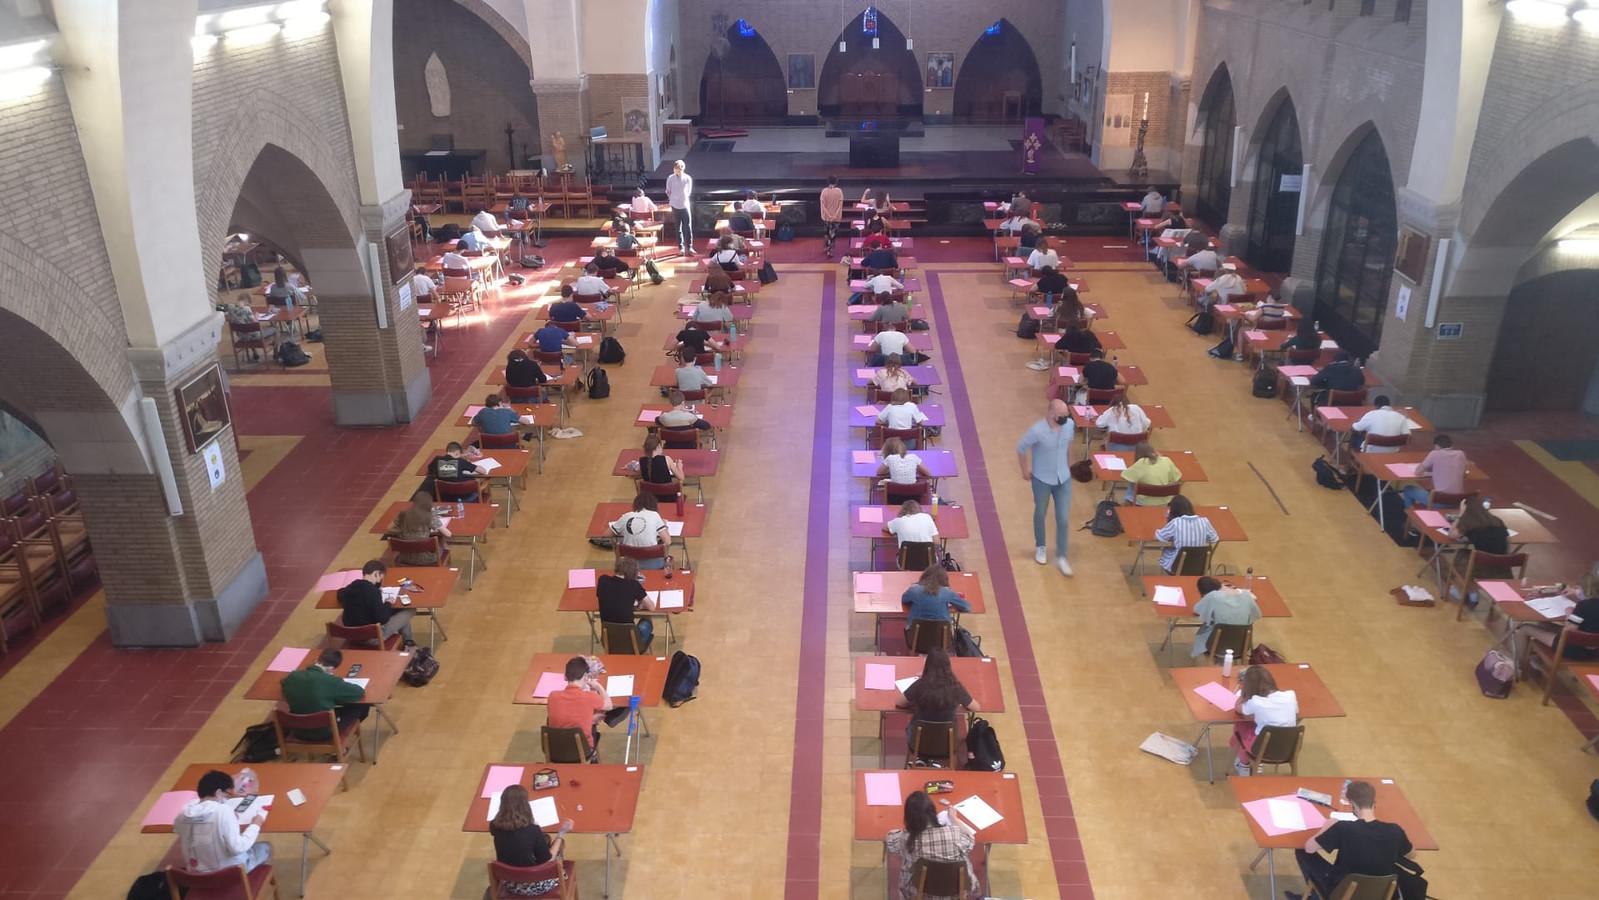 Leerlingen van het College leggen examens af, onder meer in de Don Boscokerk.